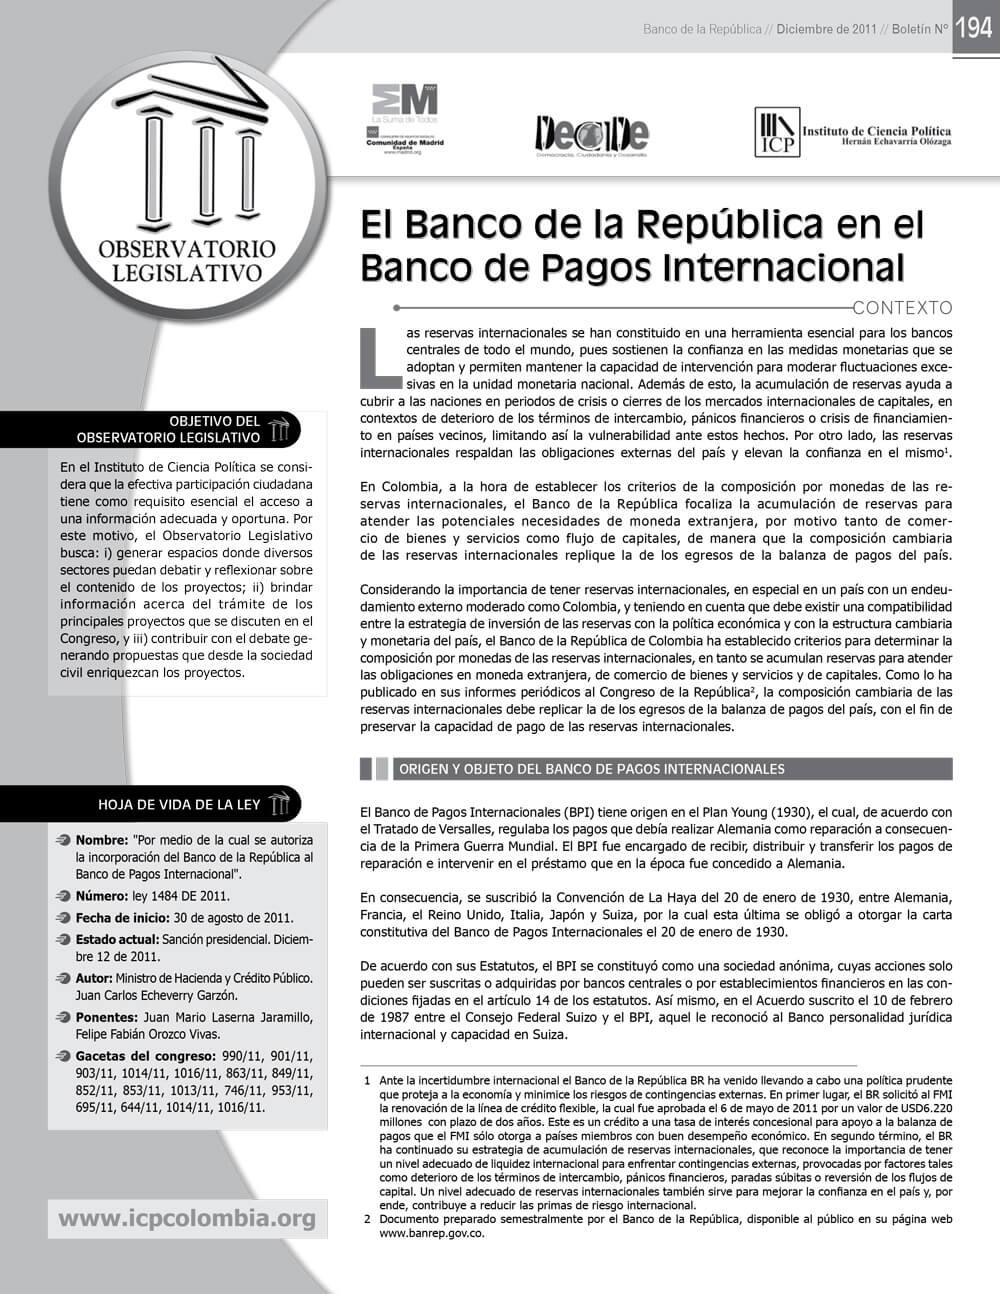 Boletín No. 194 Colombia en el Banco de Pagos Internacionales - ICP